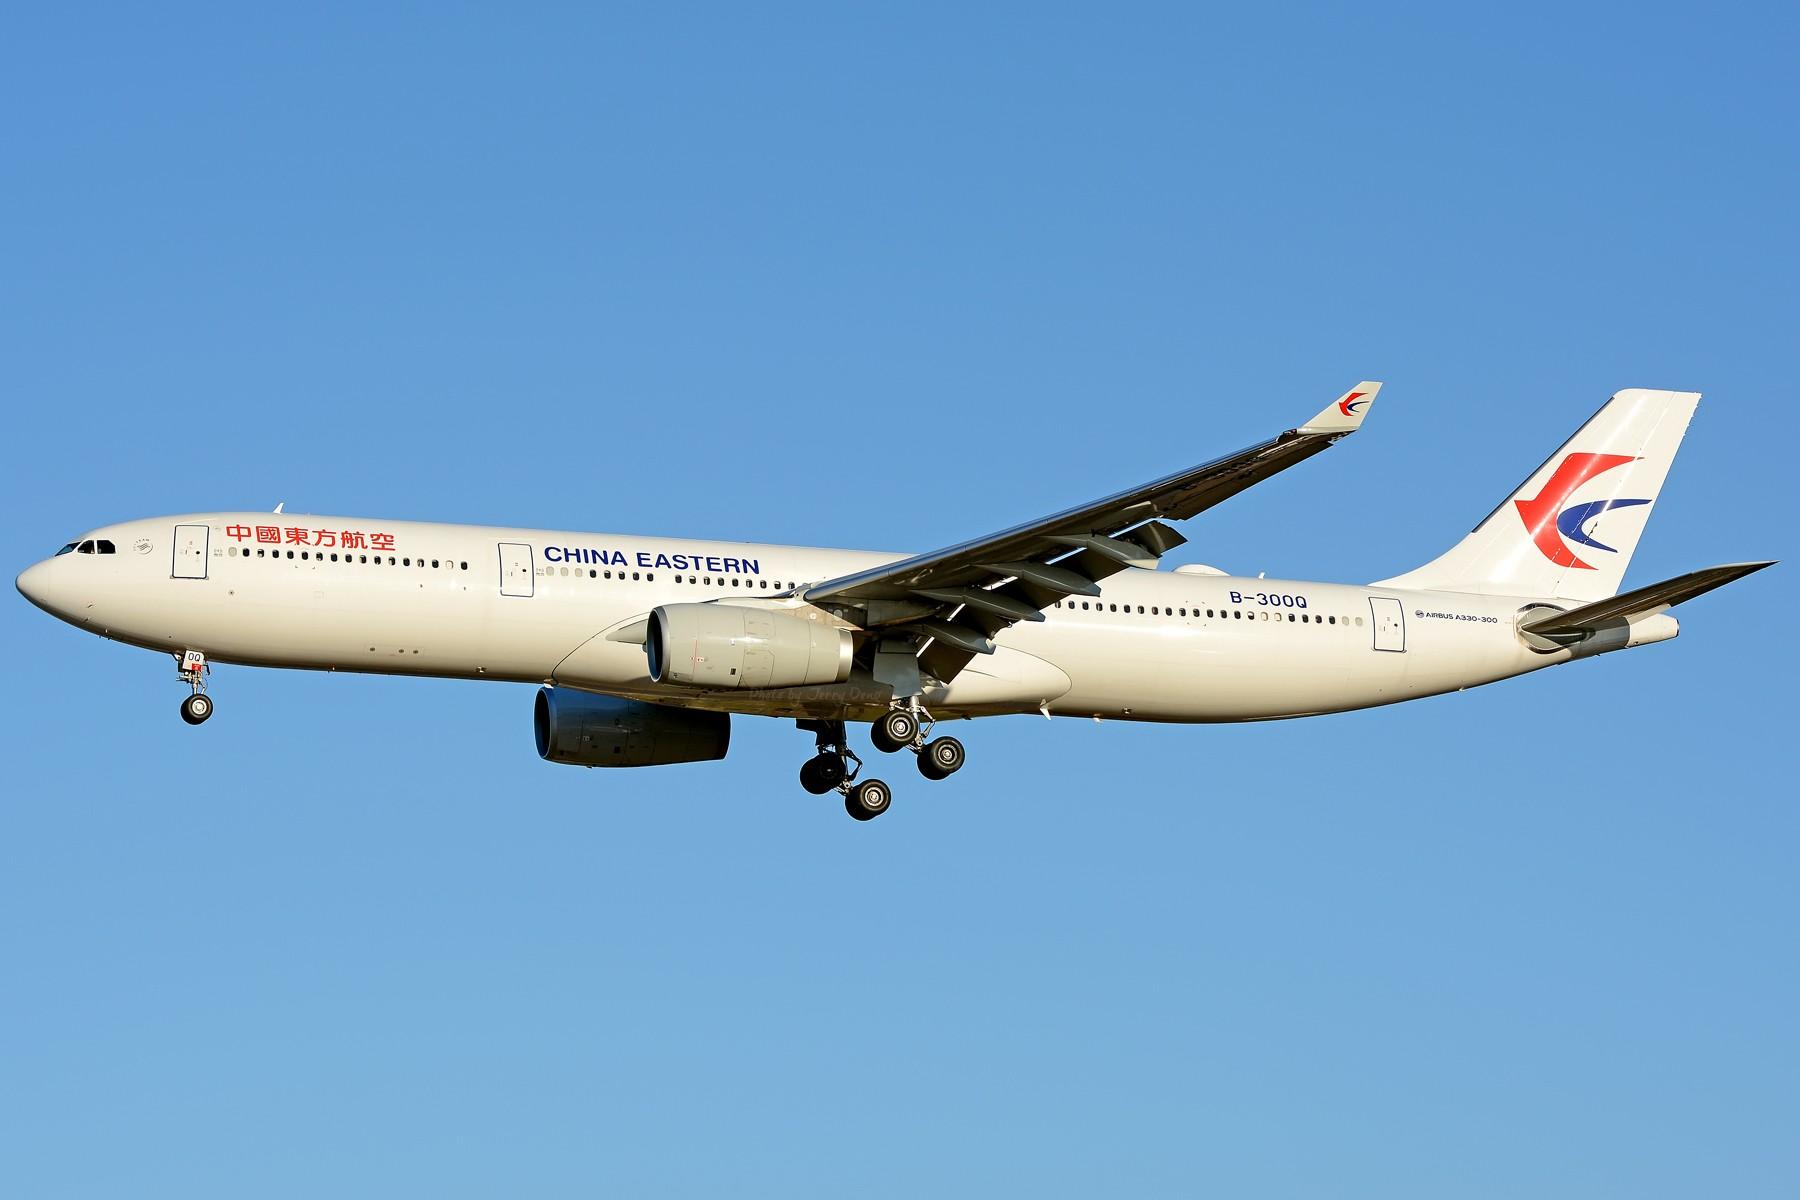 [原创]【一图党】CHINA EASTERN A330-343X B-300Q AIRBUS A330-300 B-300Q 中国北京首都国际机场